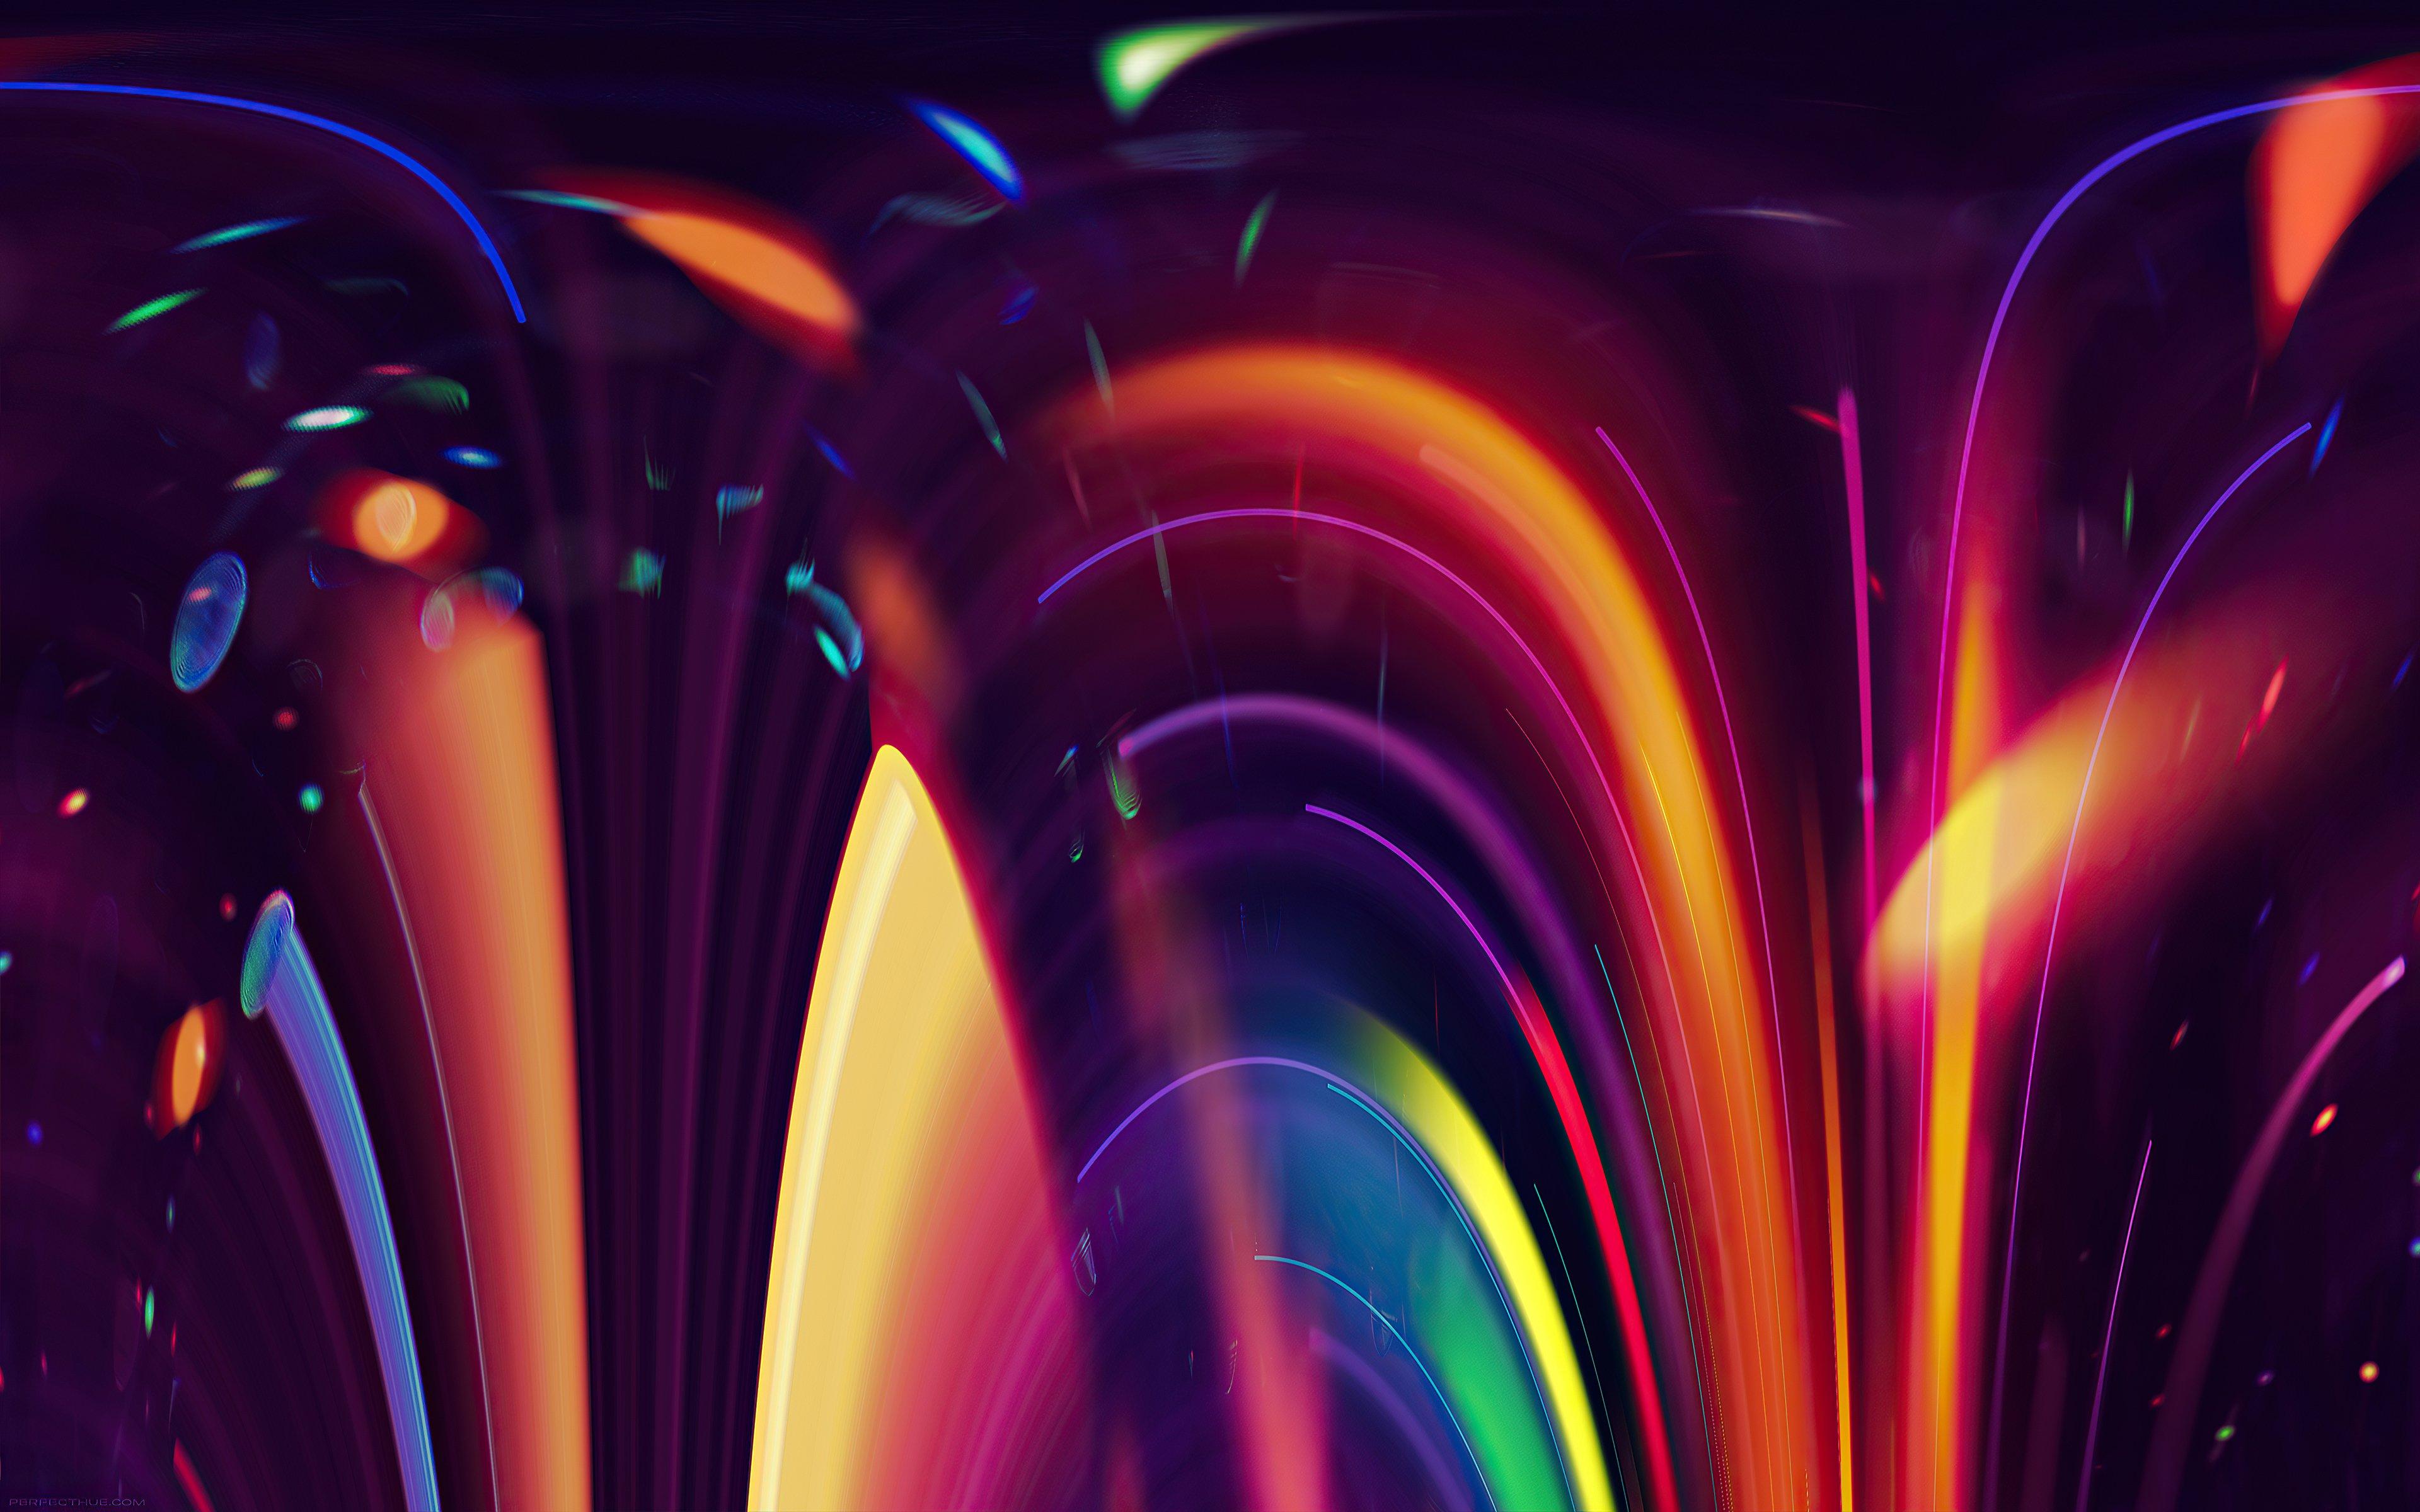 Fondos de pantalla Luces artisticas en movimiento